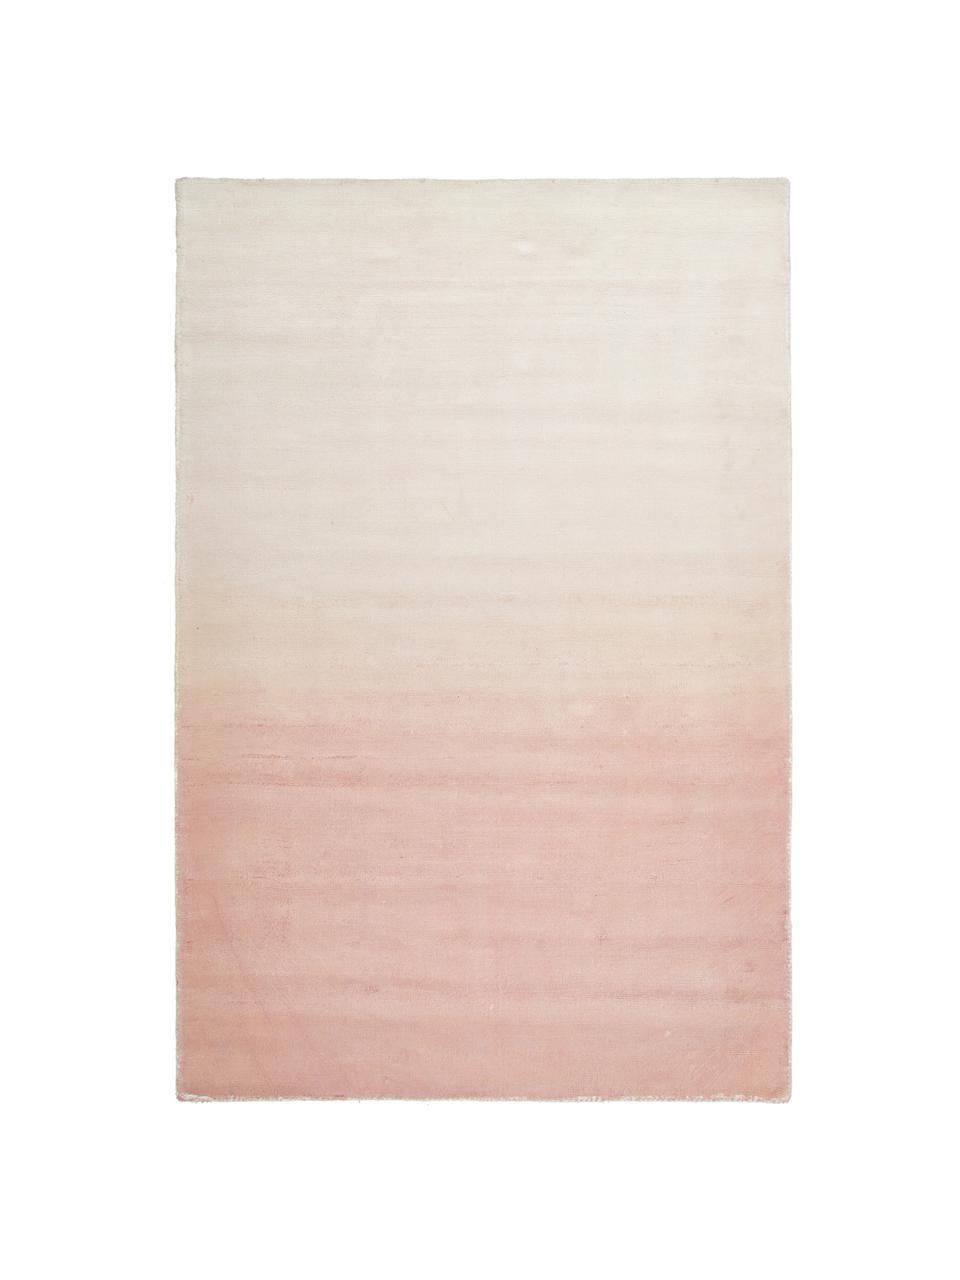 Handgeweven viscose vloerkleed Alana met kleurverloop, 100% viscose, Roze, beige, B 200 x L 300 cm (maat L)